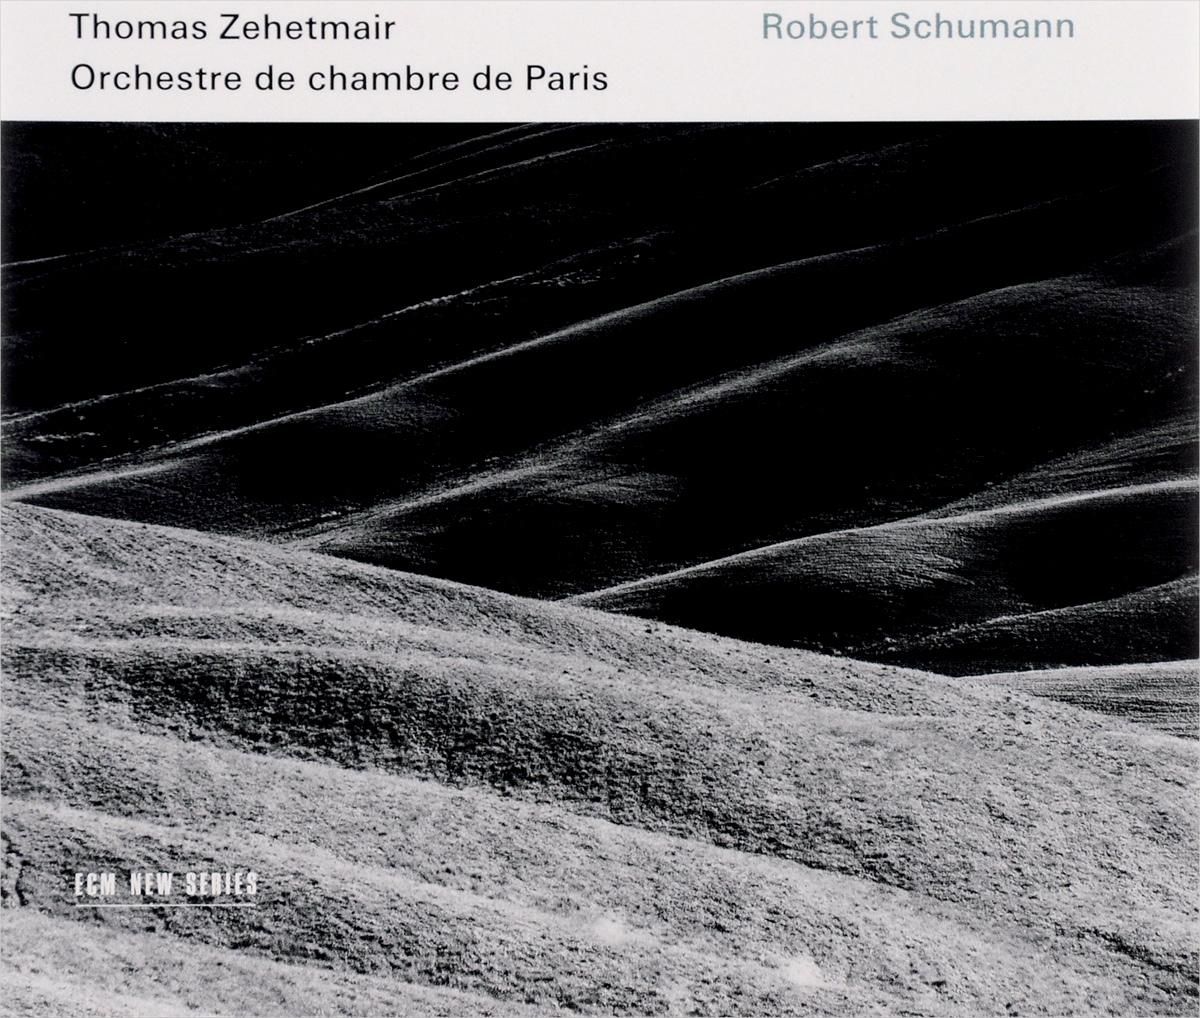 Фото - Thomas Zehetmair / Orchestre de Chambre de Paris Thomas Zehetmair, Orchestre De Chambre De Paris. Robert Schumann c v alkan souvenirs de musique de chambre